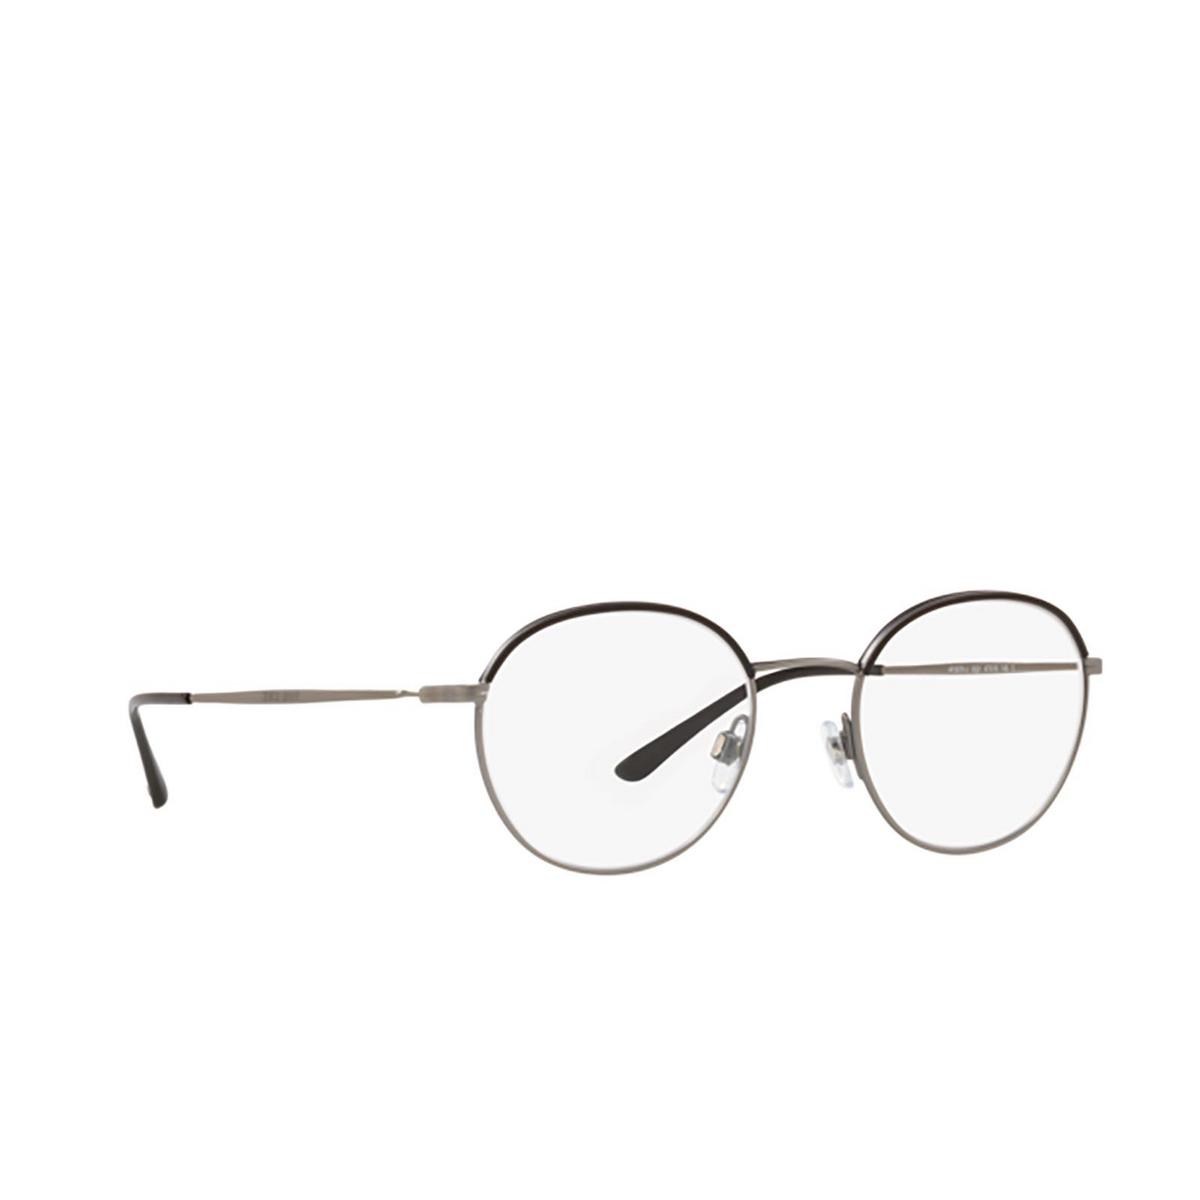 Giorgio Armani® Round Eyeglasses: AR5070J color Matte Gunmetal / Black 3321 - three-quarters view.